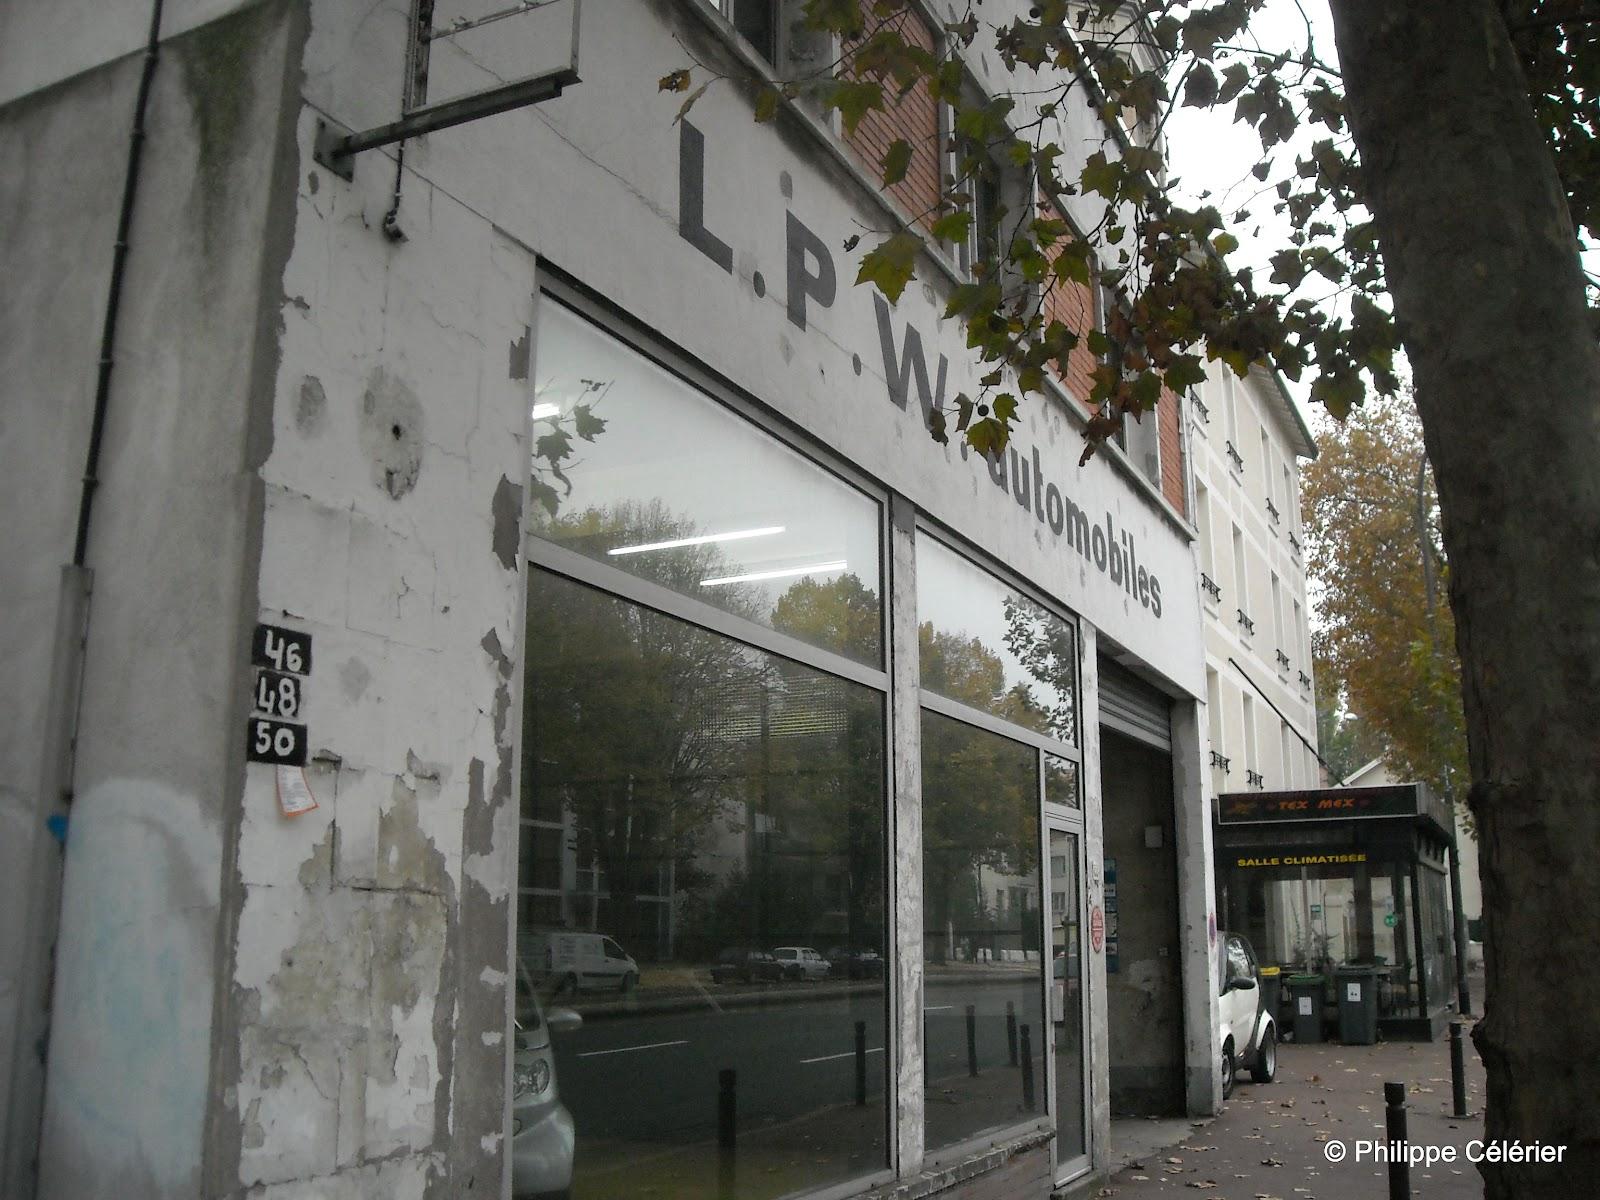 Les murs peints s 39 affichent ab c daire altos quanais a for Garage antony 92